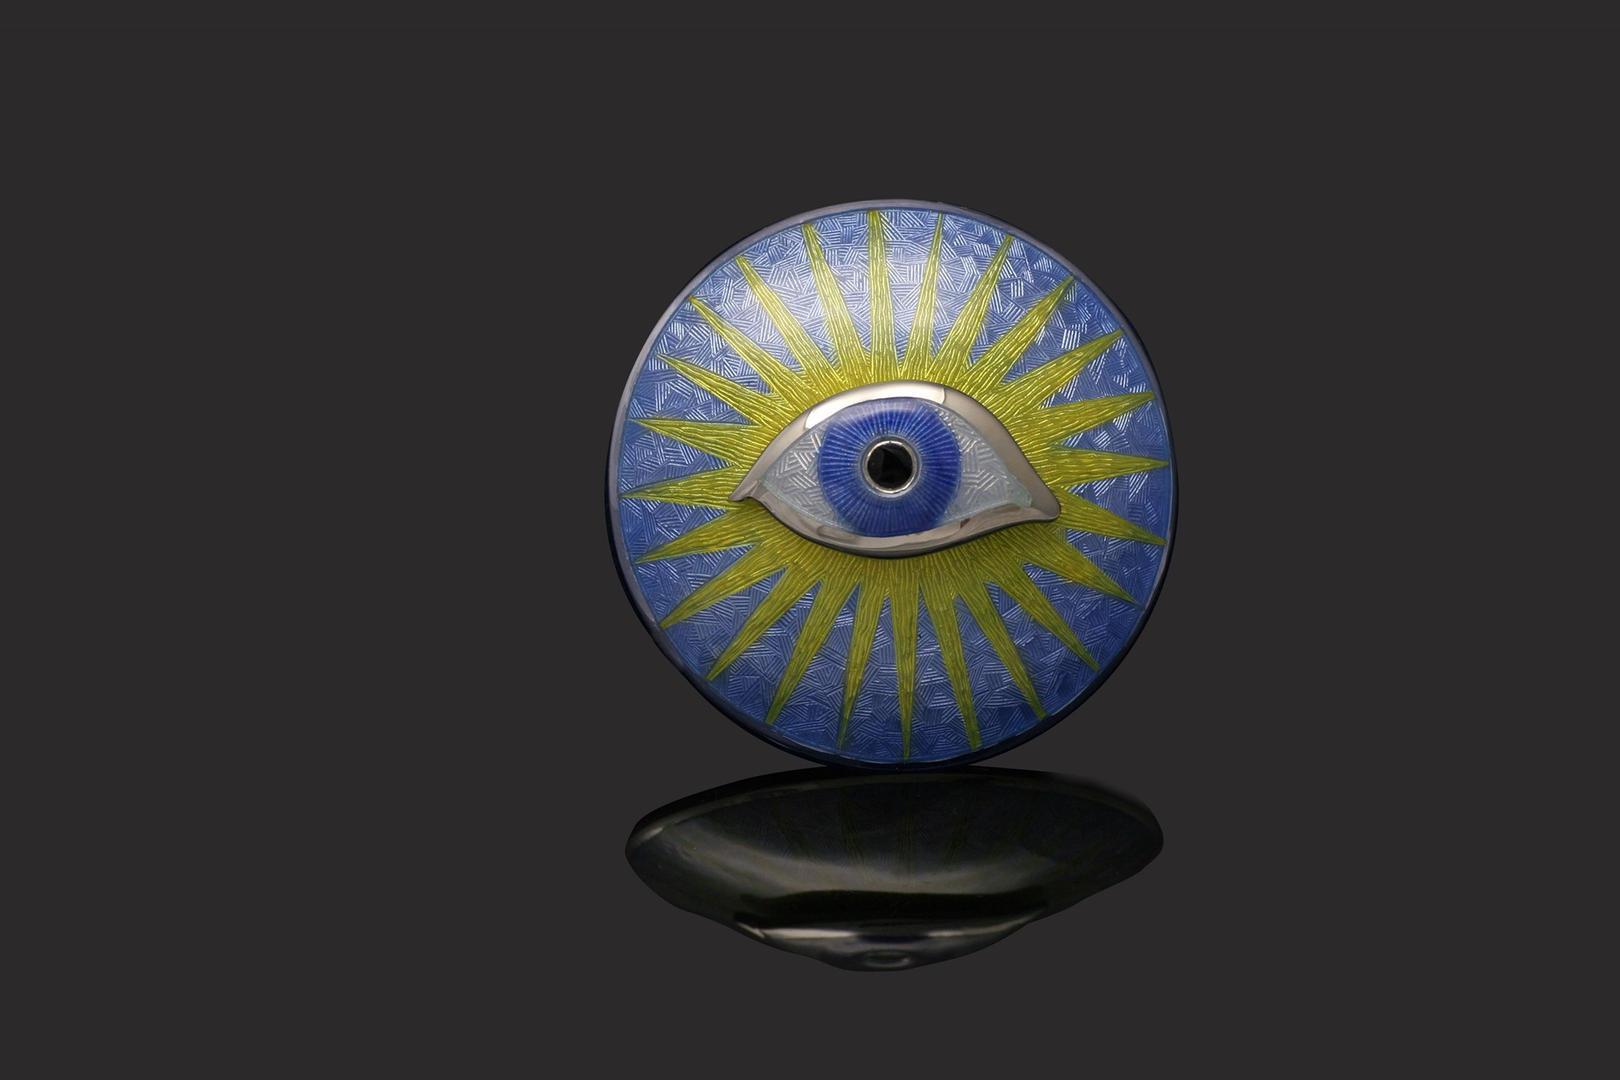 Enamel eye